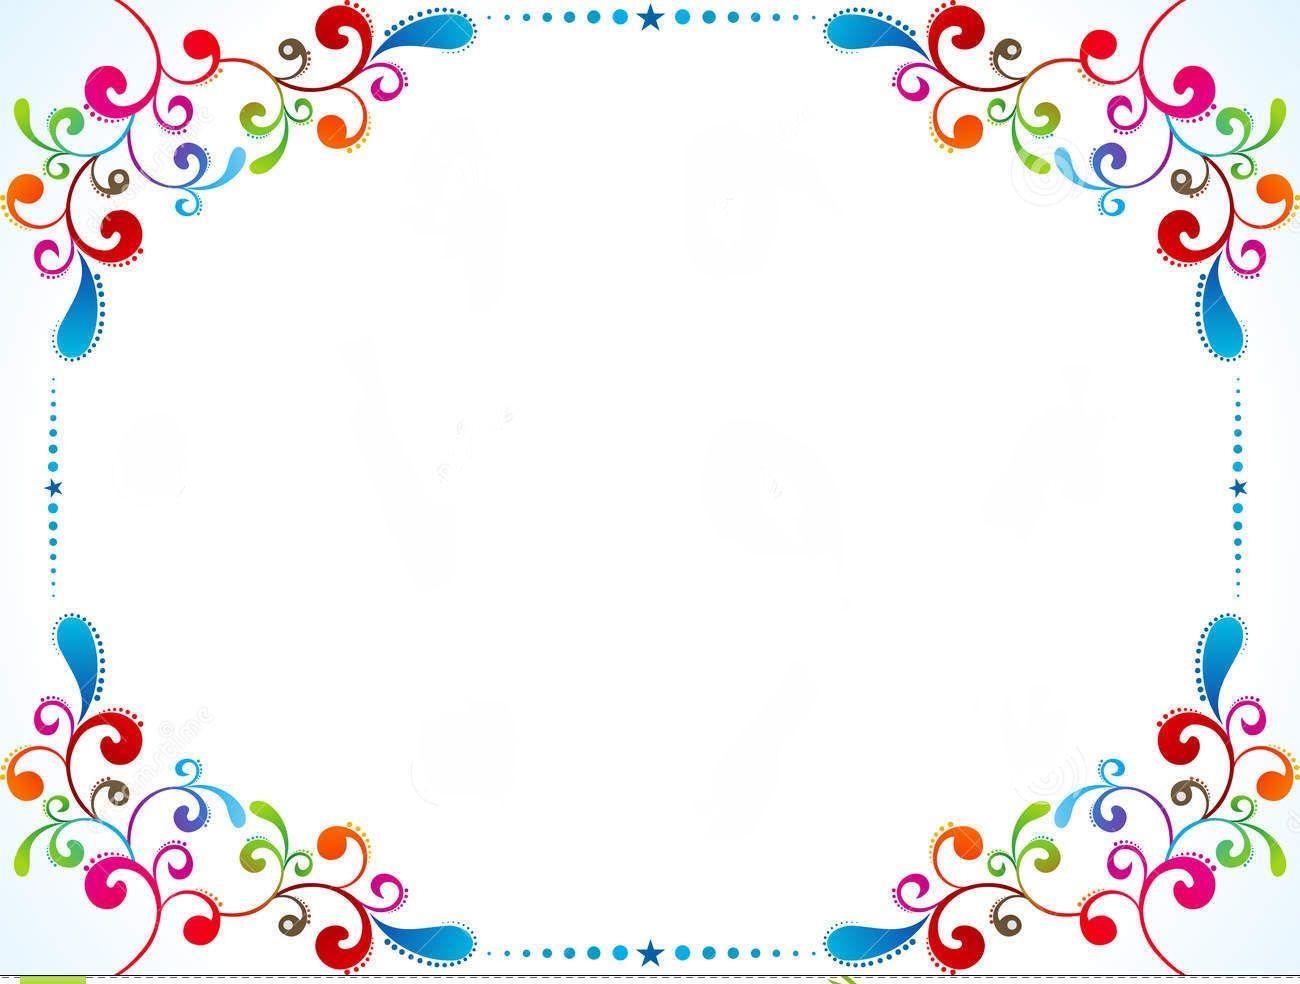 Pin by shaheen perwaz on Frames & beautiful Boards.